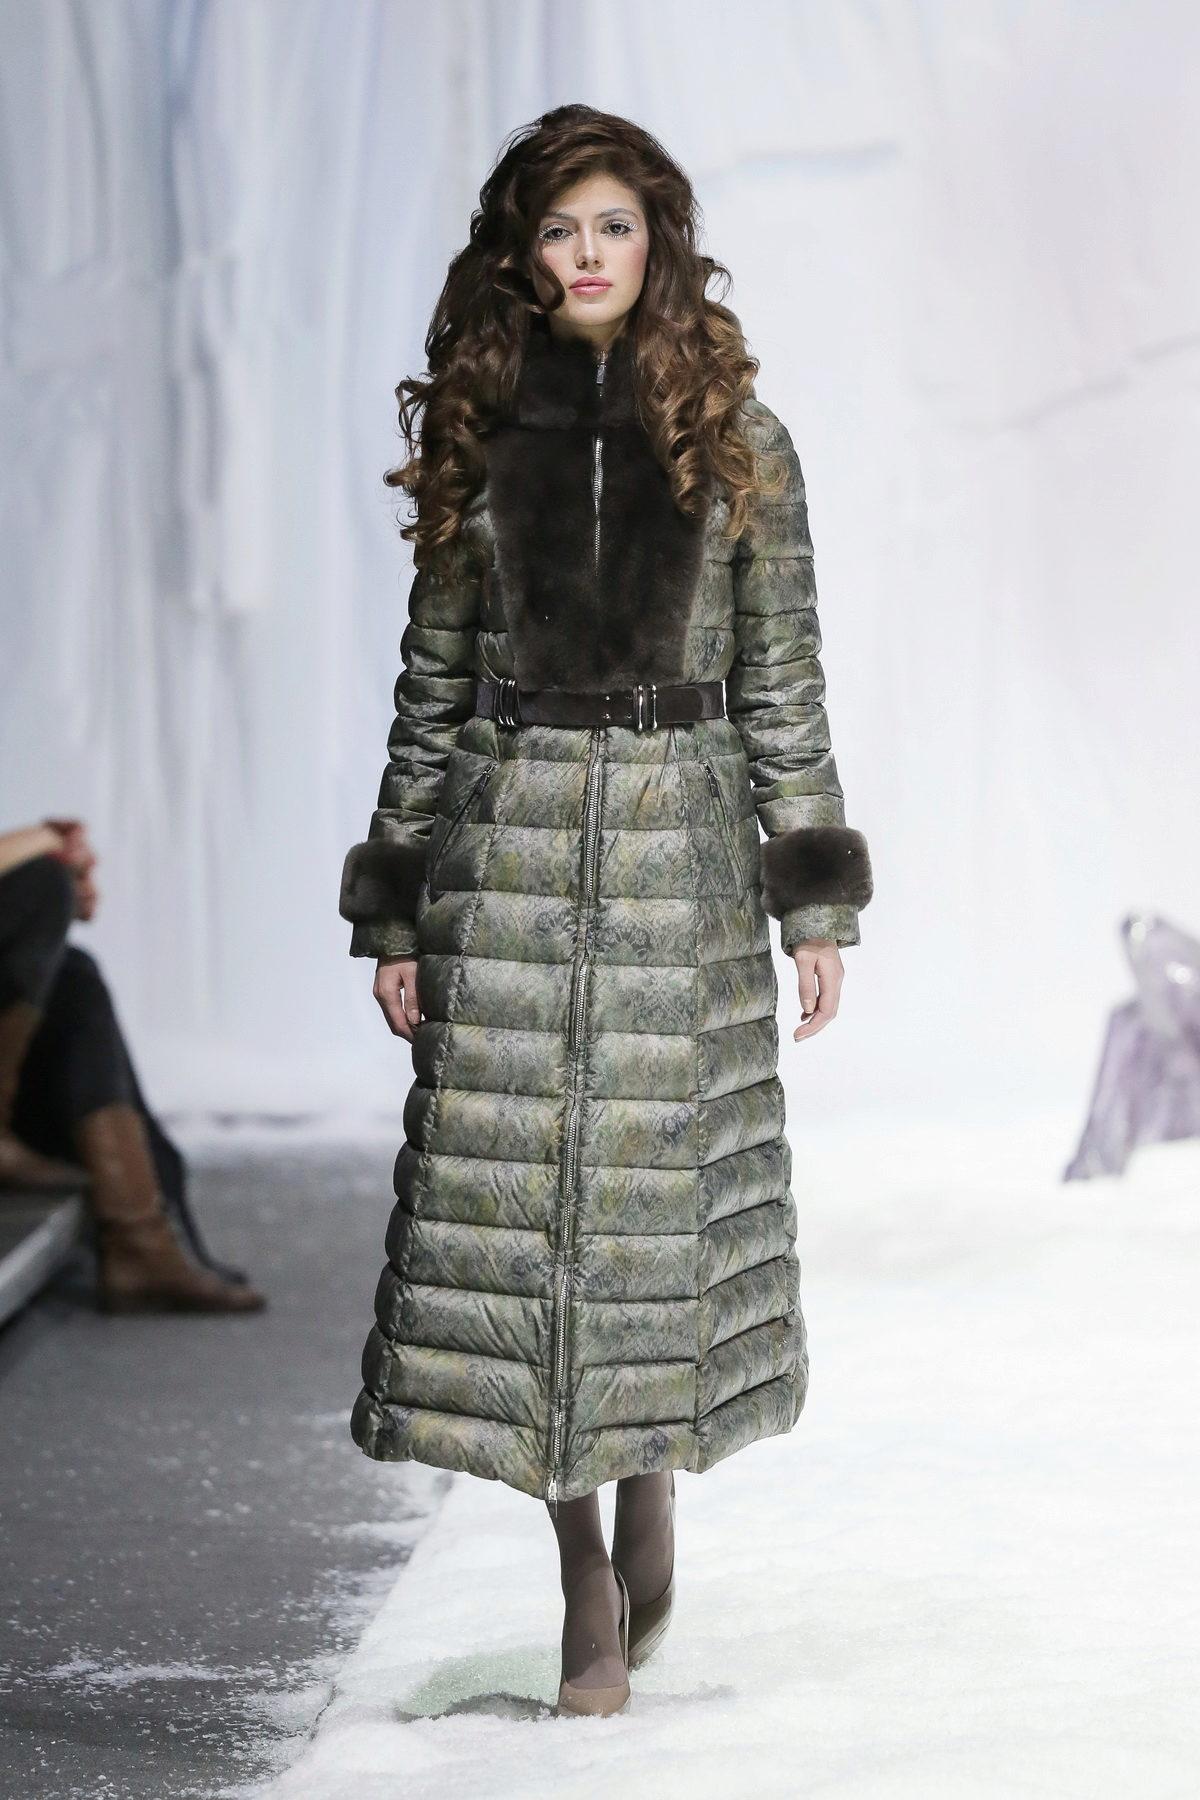 ... διάσημων σπιτιών μόδας προσφέρουν εξαιρετικά μοντέλα και κομψό  σχεδιασμό. Ας εξοικειωθούμε με τις τάσεις της μόδας των κάτω μπουφάν για  τις γυναίκες. fcc6a420ee8